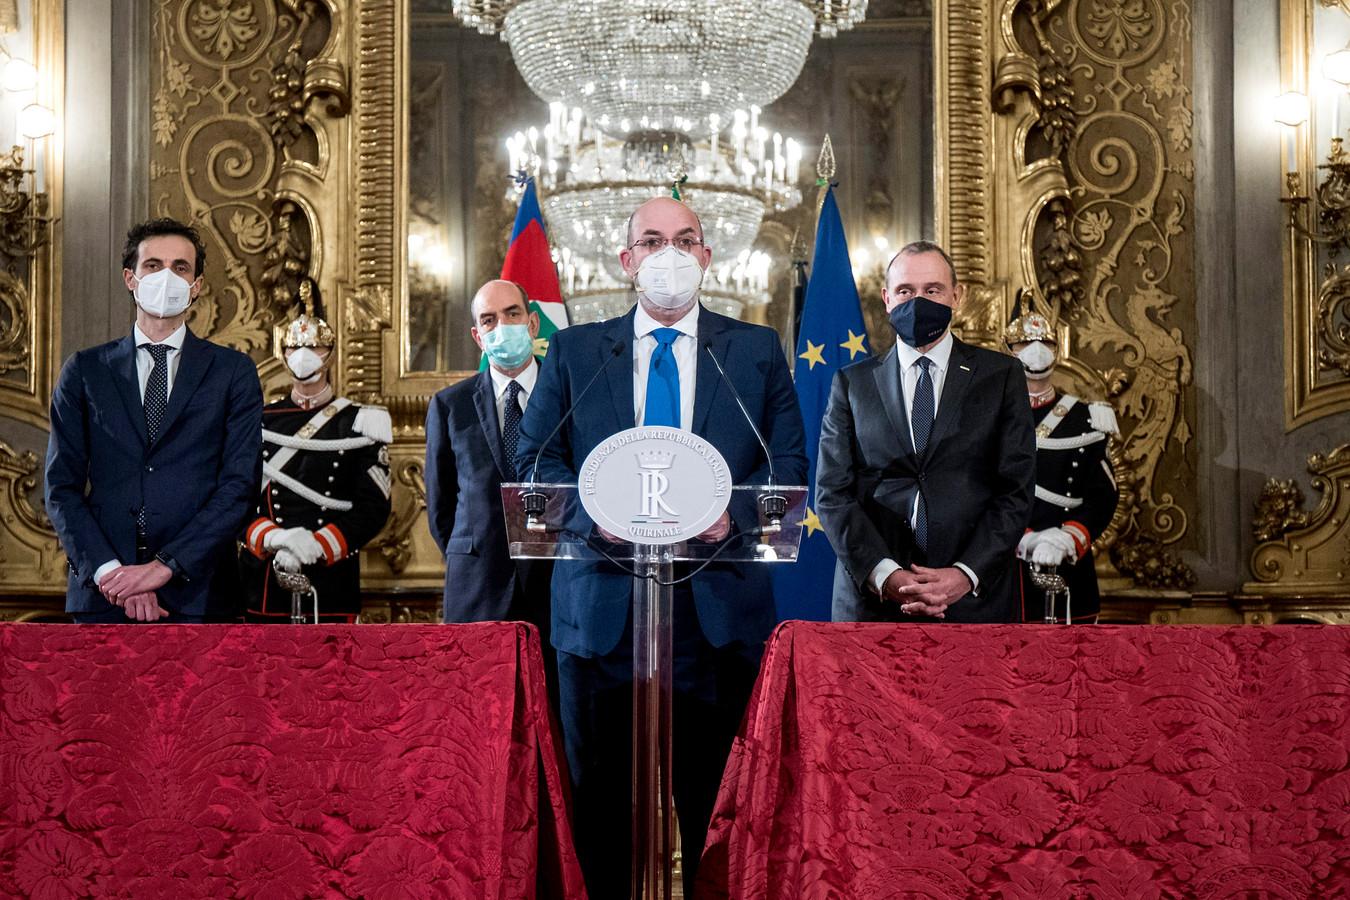 De leider van de Vijfsterrenbeweging Vito Crimi (midden).